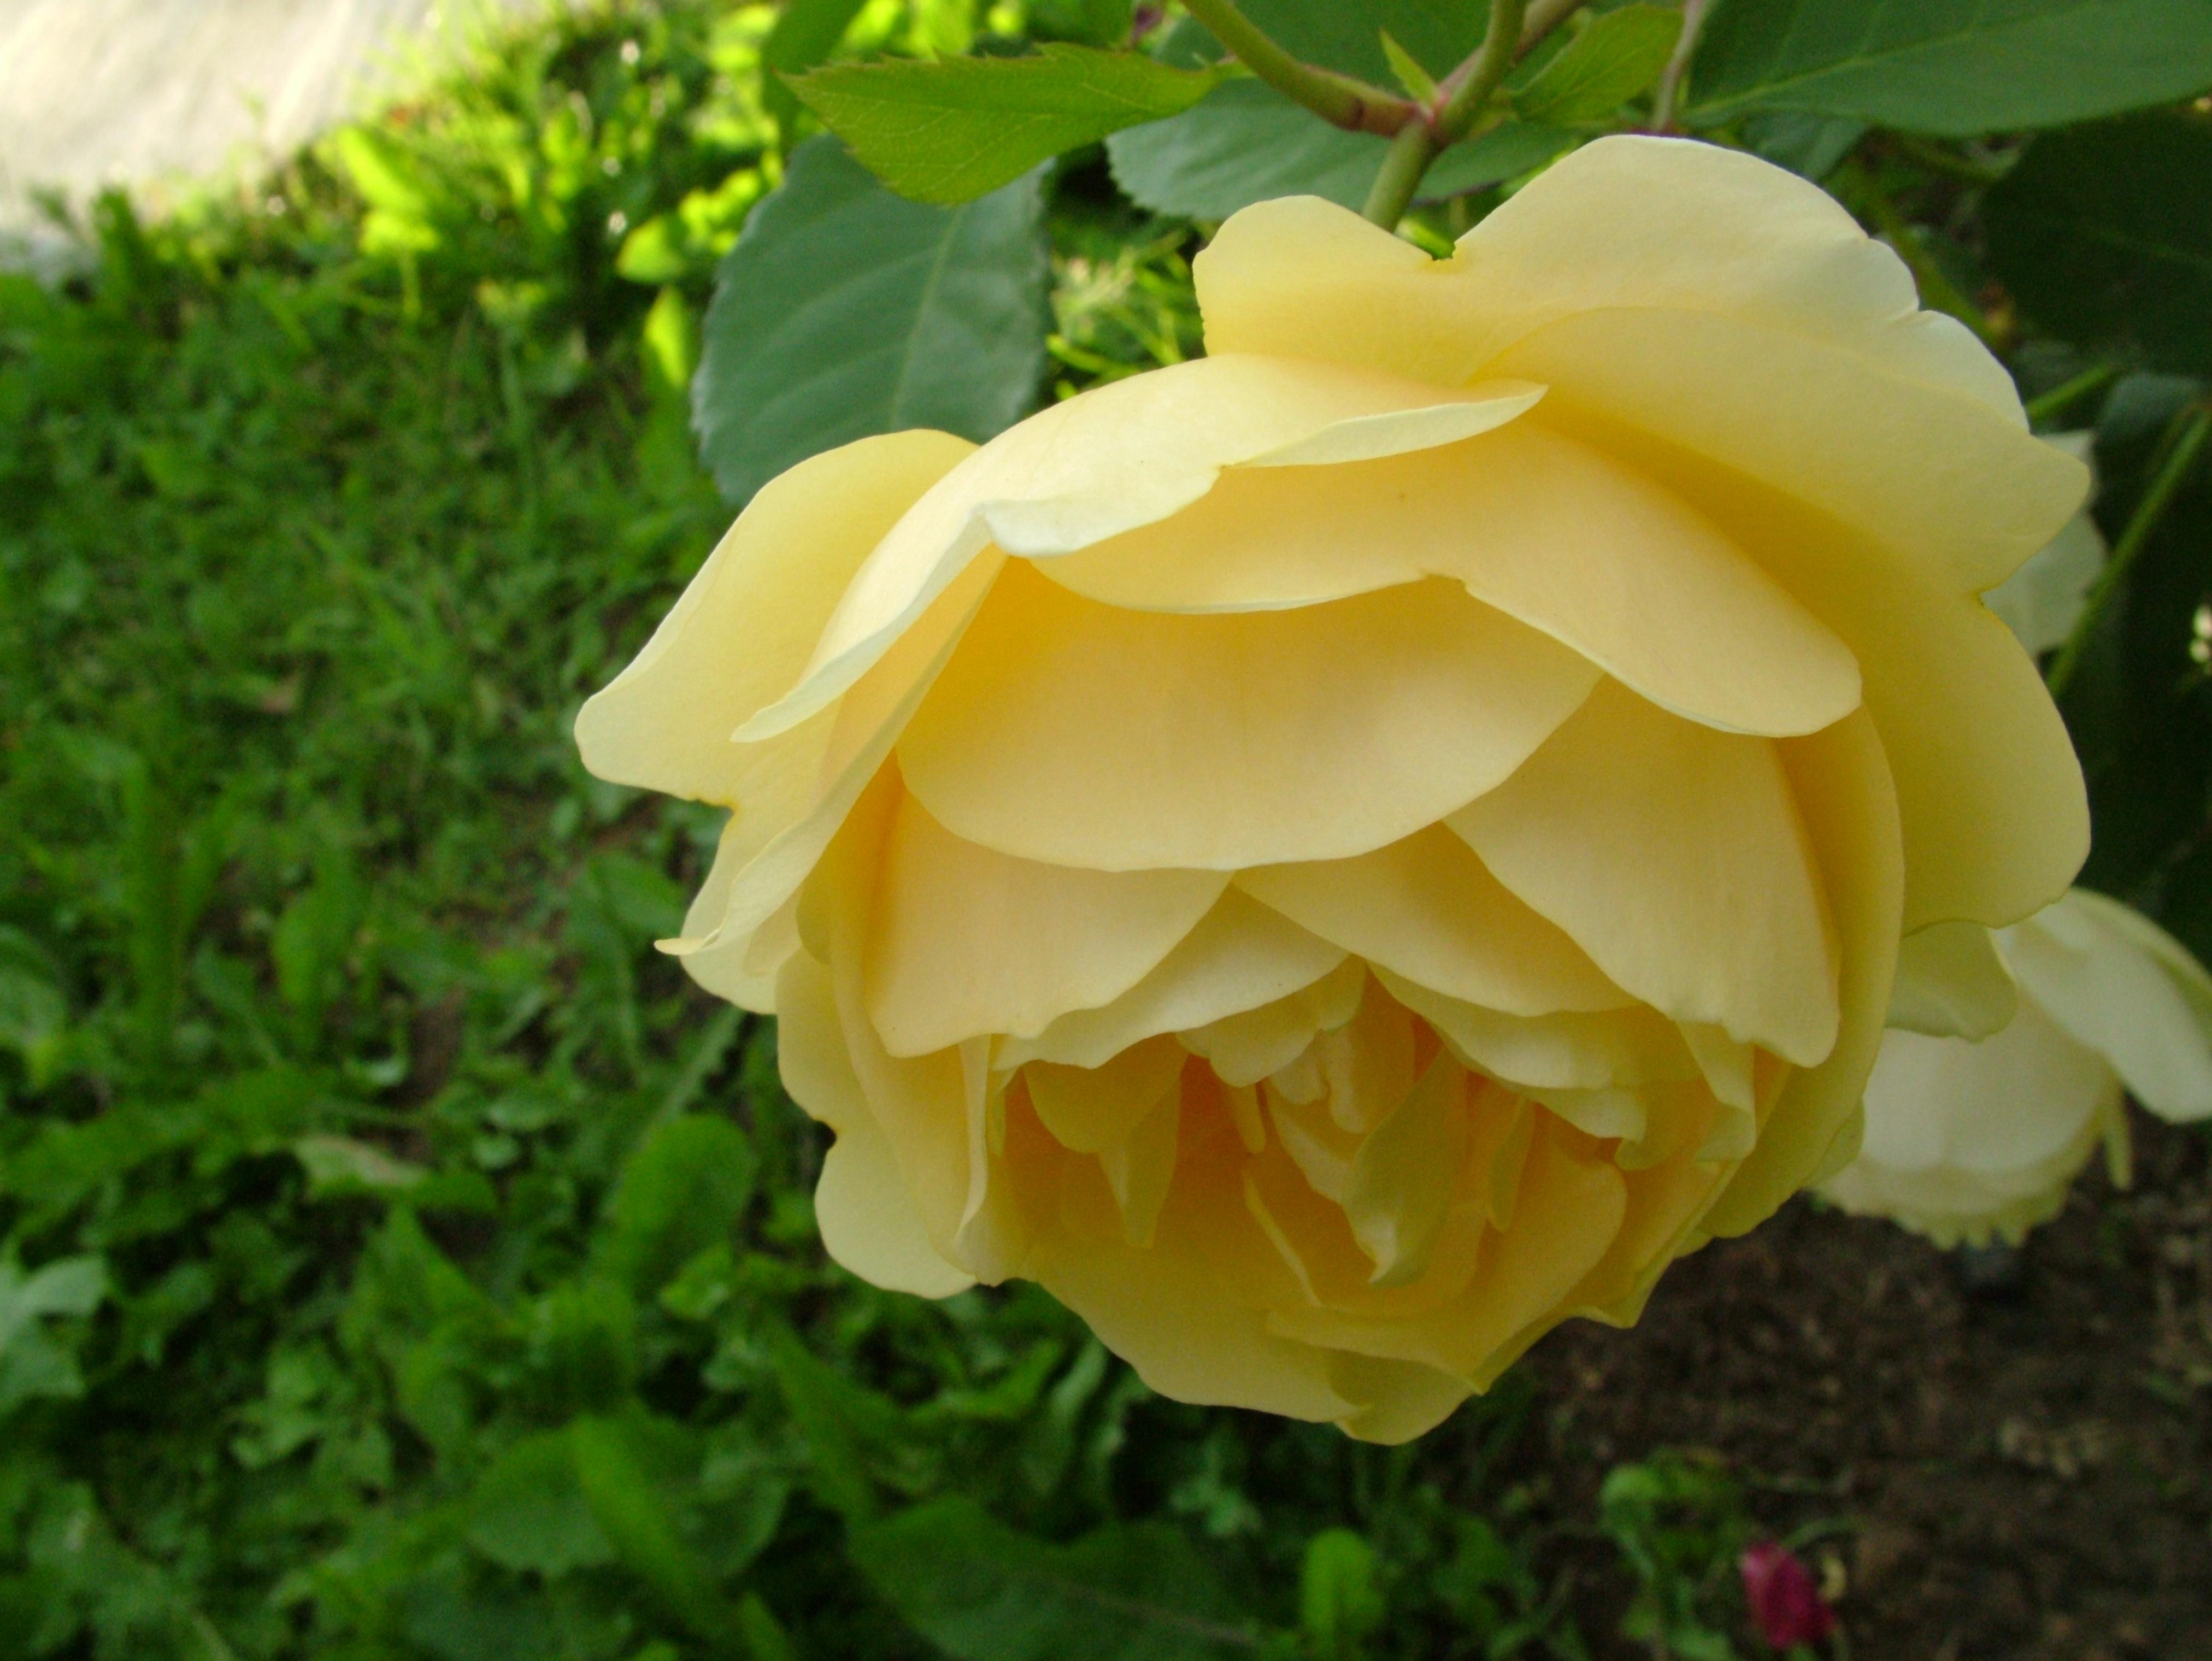 Yellow Rose clipart flower rose wallpaper Royalty WallpaperSafari Screensavers Free and